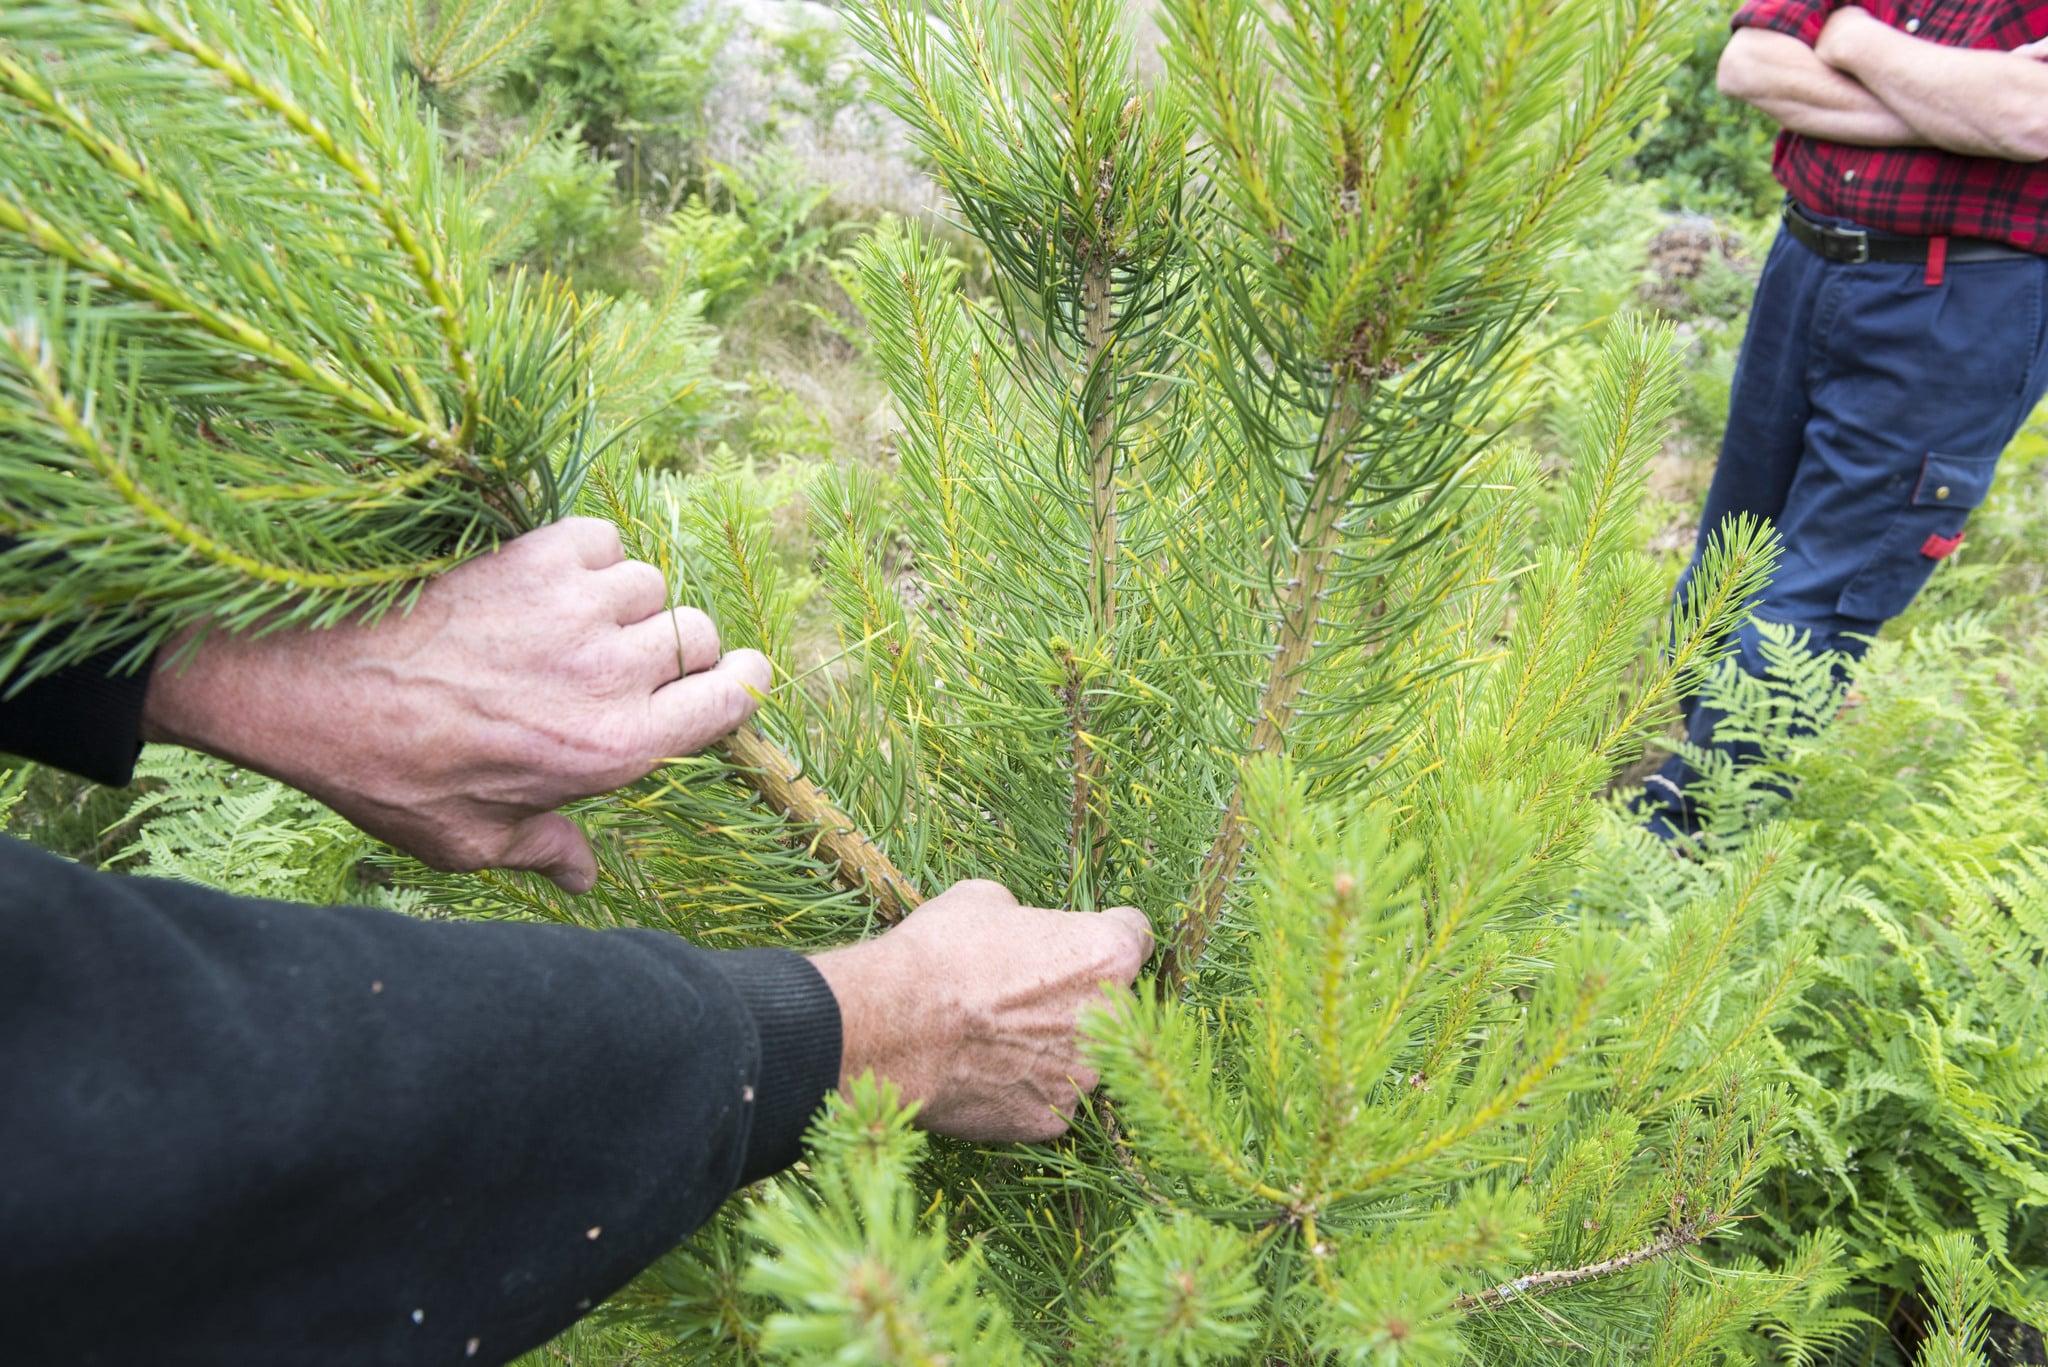 Åkomman som gör att tallplantor skjuter många toppskott är mindre utbredd än befarat, enligt Skogsforsk som inventerat förekomsten i södra Sverige.